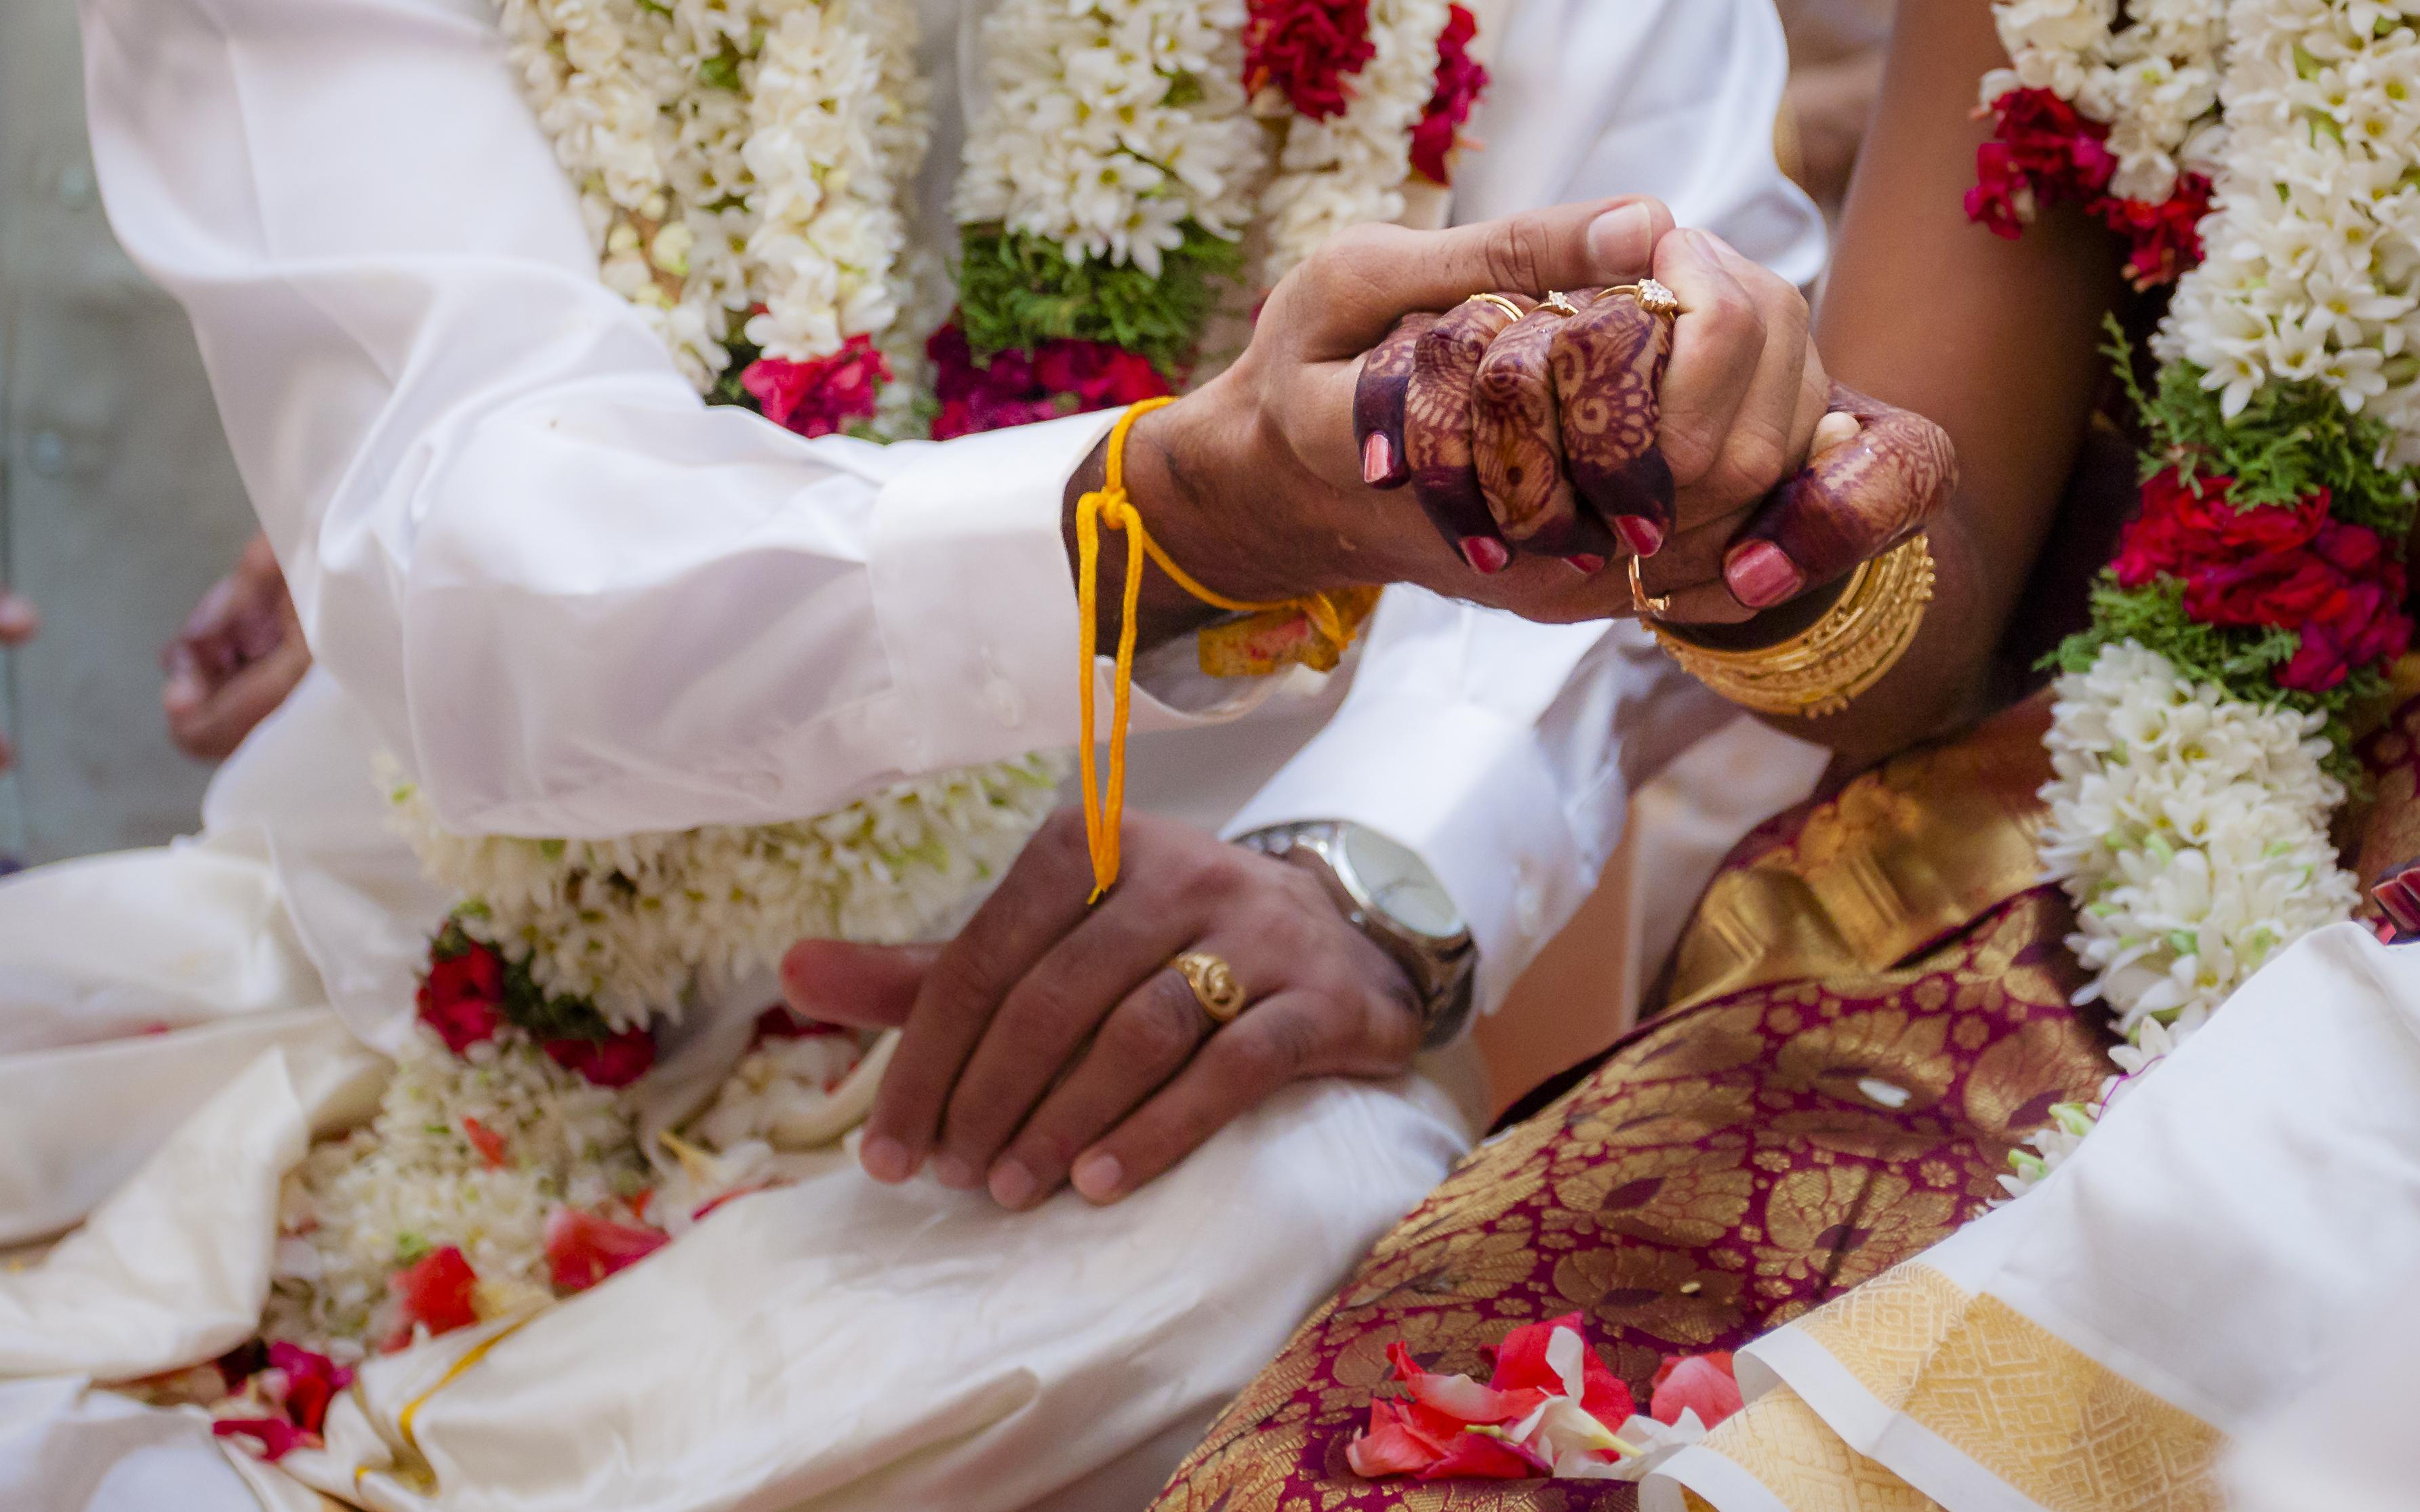 Mujer fallece durante su boda y el novio se casa con la hermana el mismo día